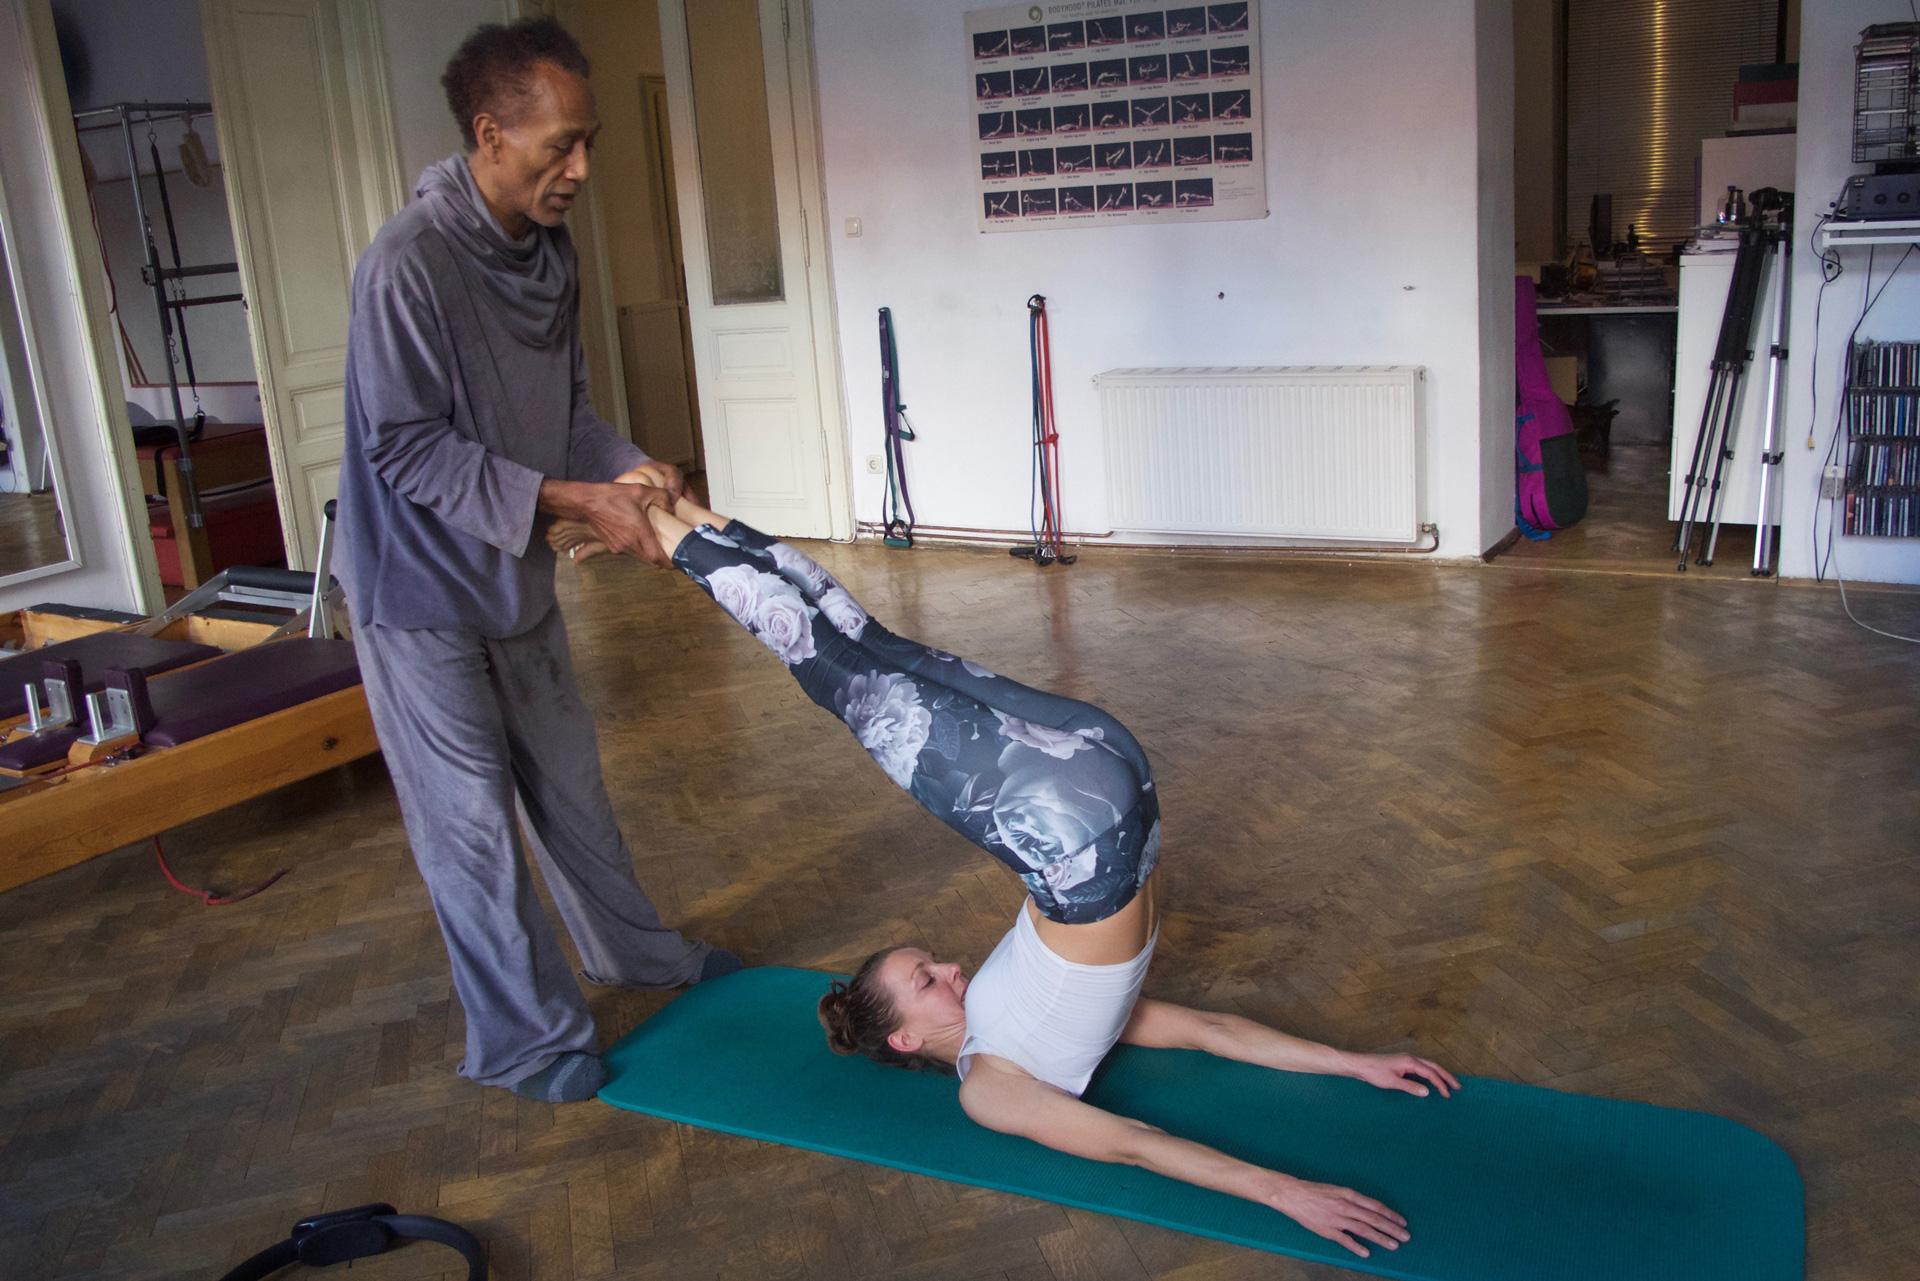 unterstützte Pilates Roll Over Übung perzeptive Wahrnehmung kinästhetische Bewusstheit Training Powerhouse pilates hundred power engine korsett Trainingsoptimierung